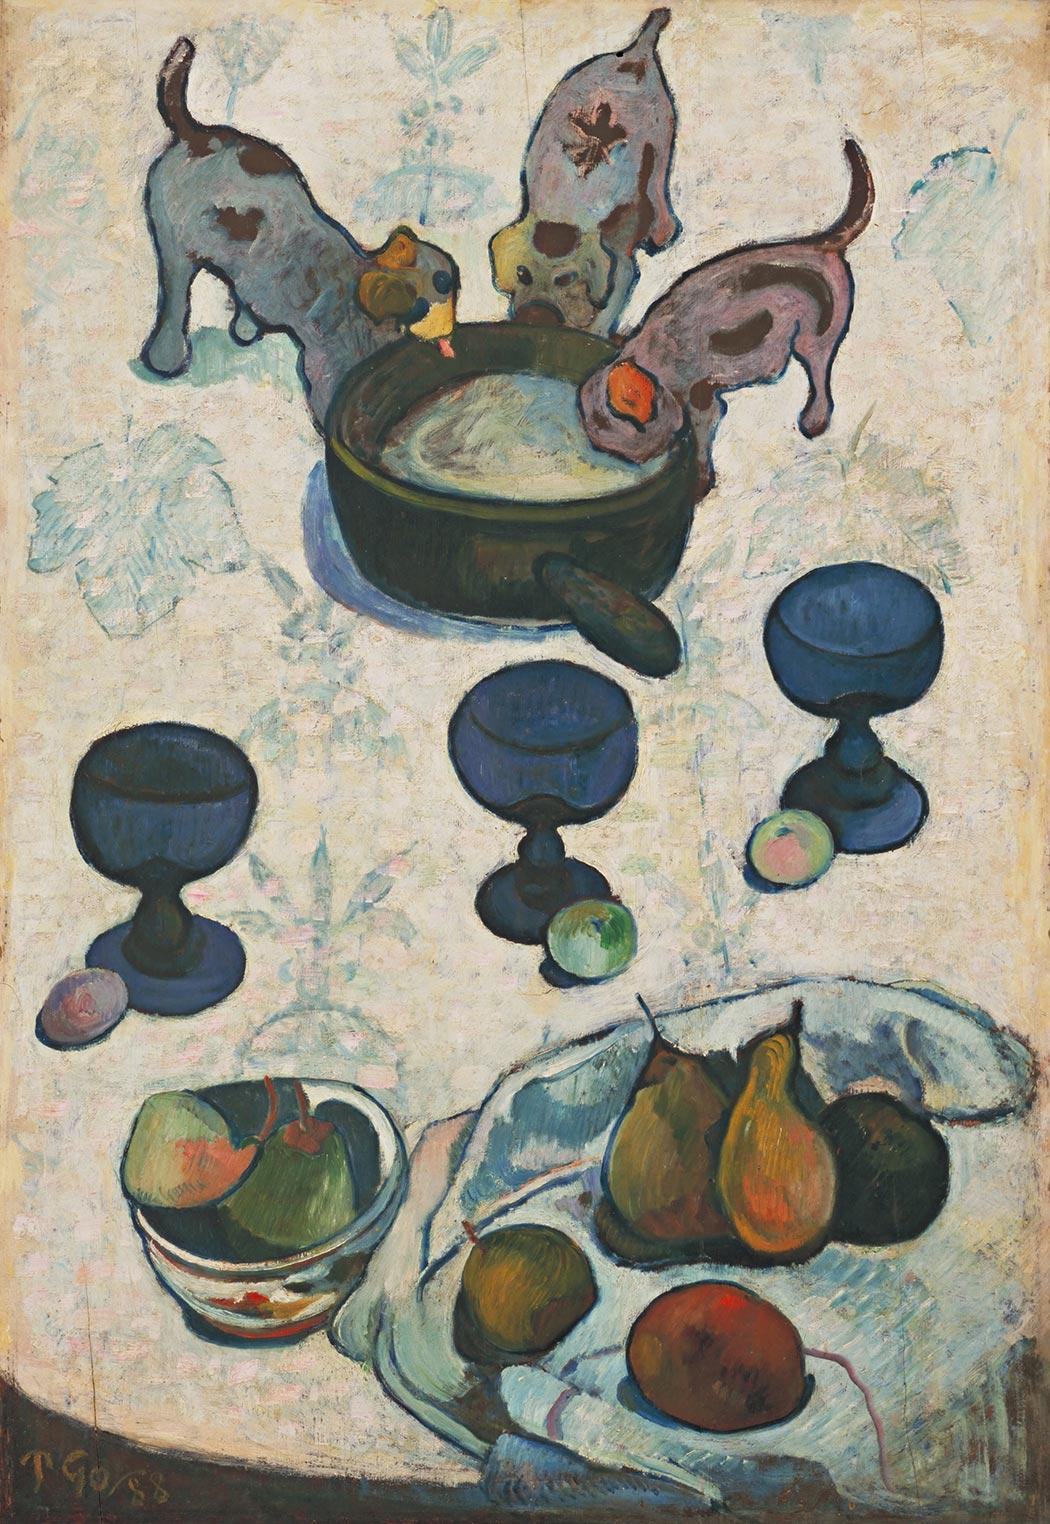 Paul Gauguin: ›Nature morte avec trois petits chiens‹, 1888